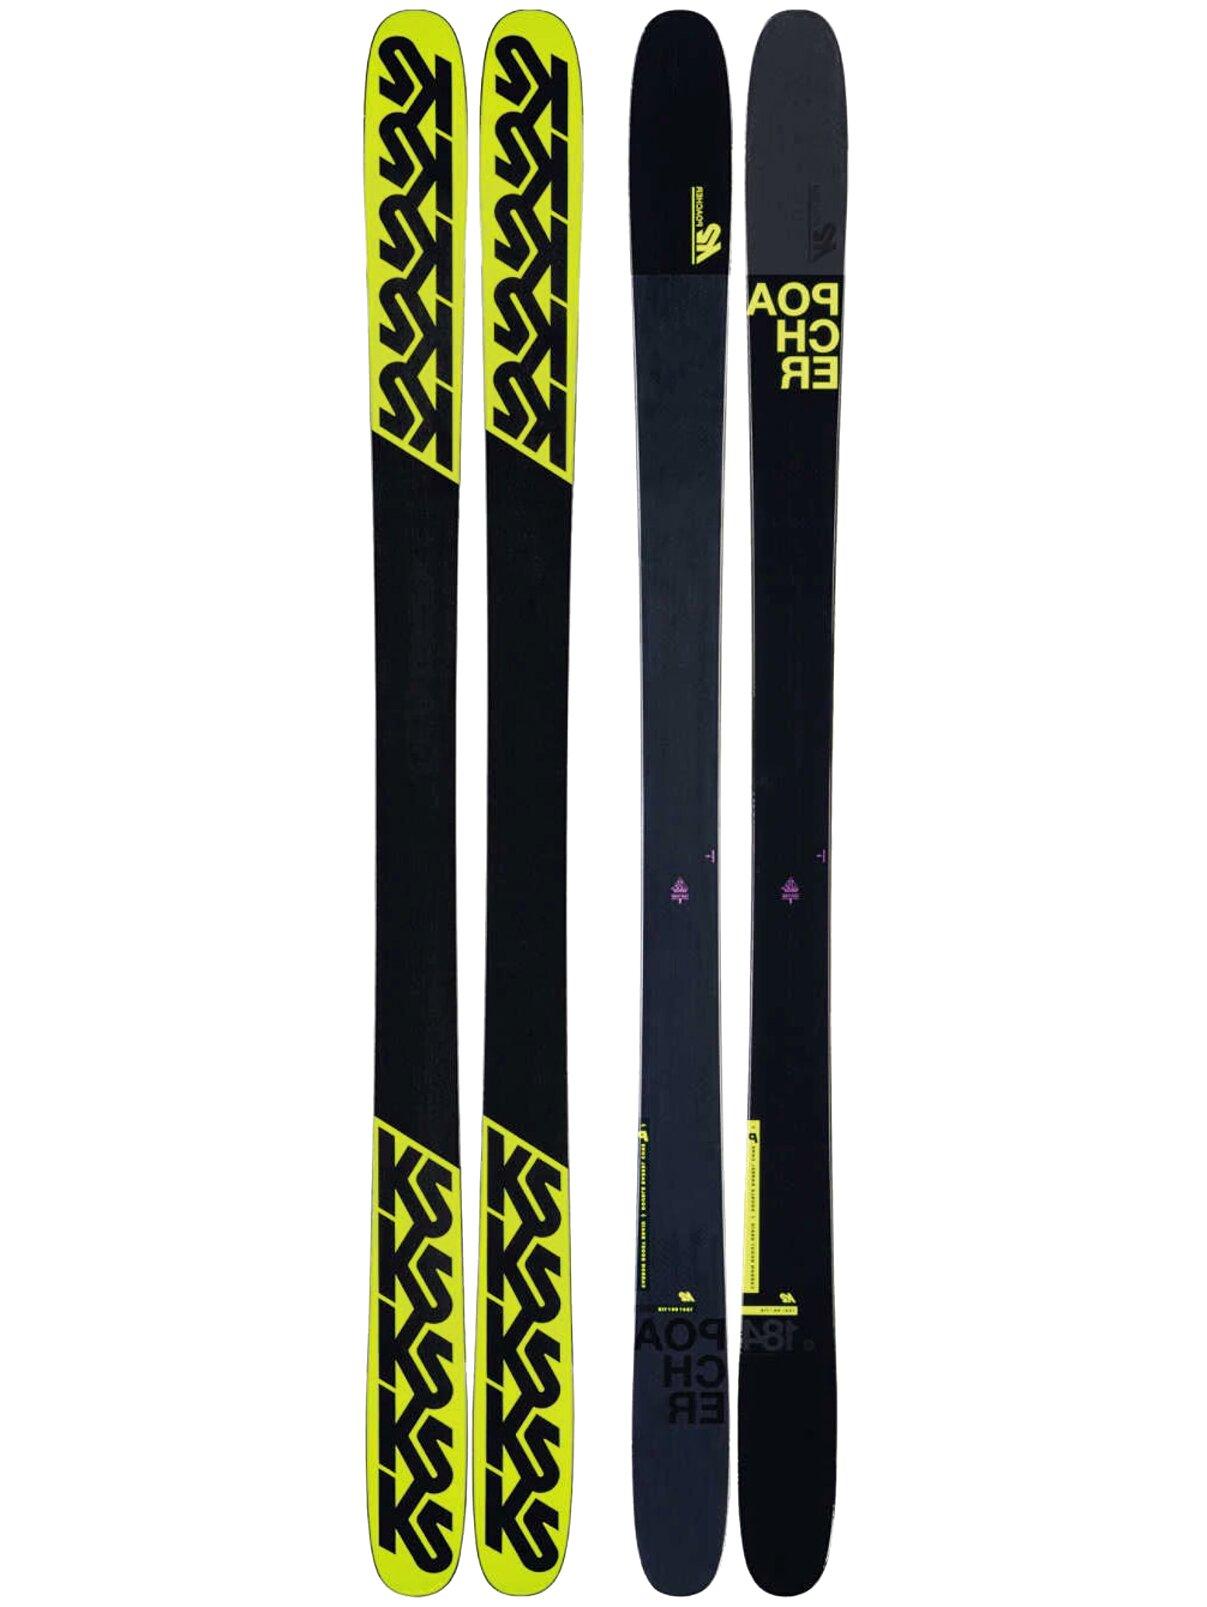 k2 ski for sale